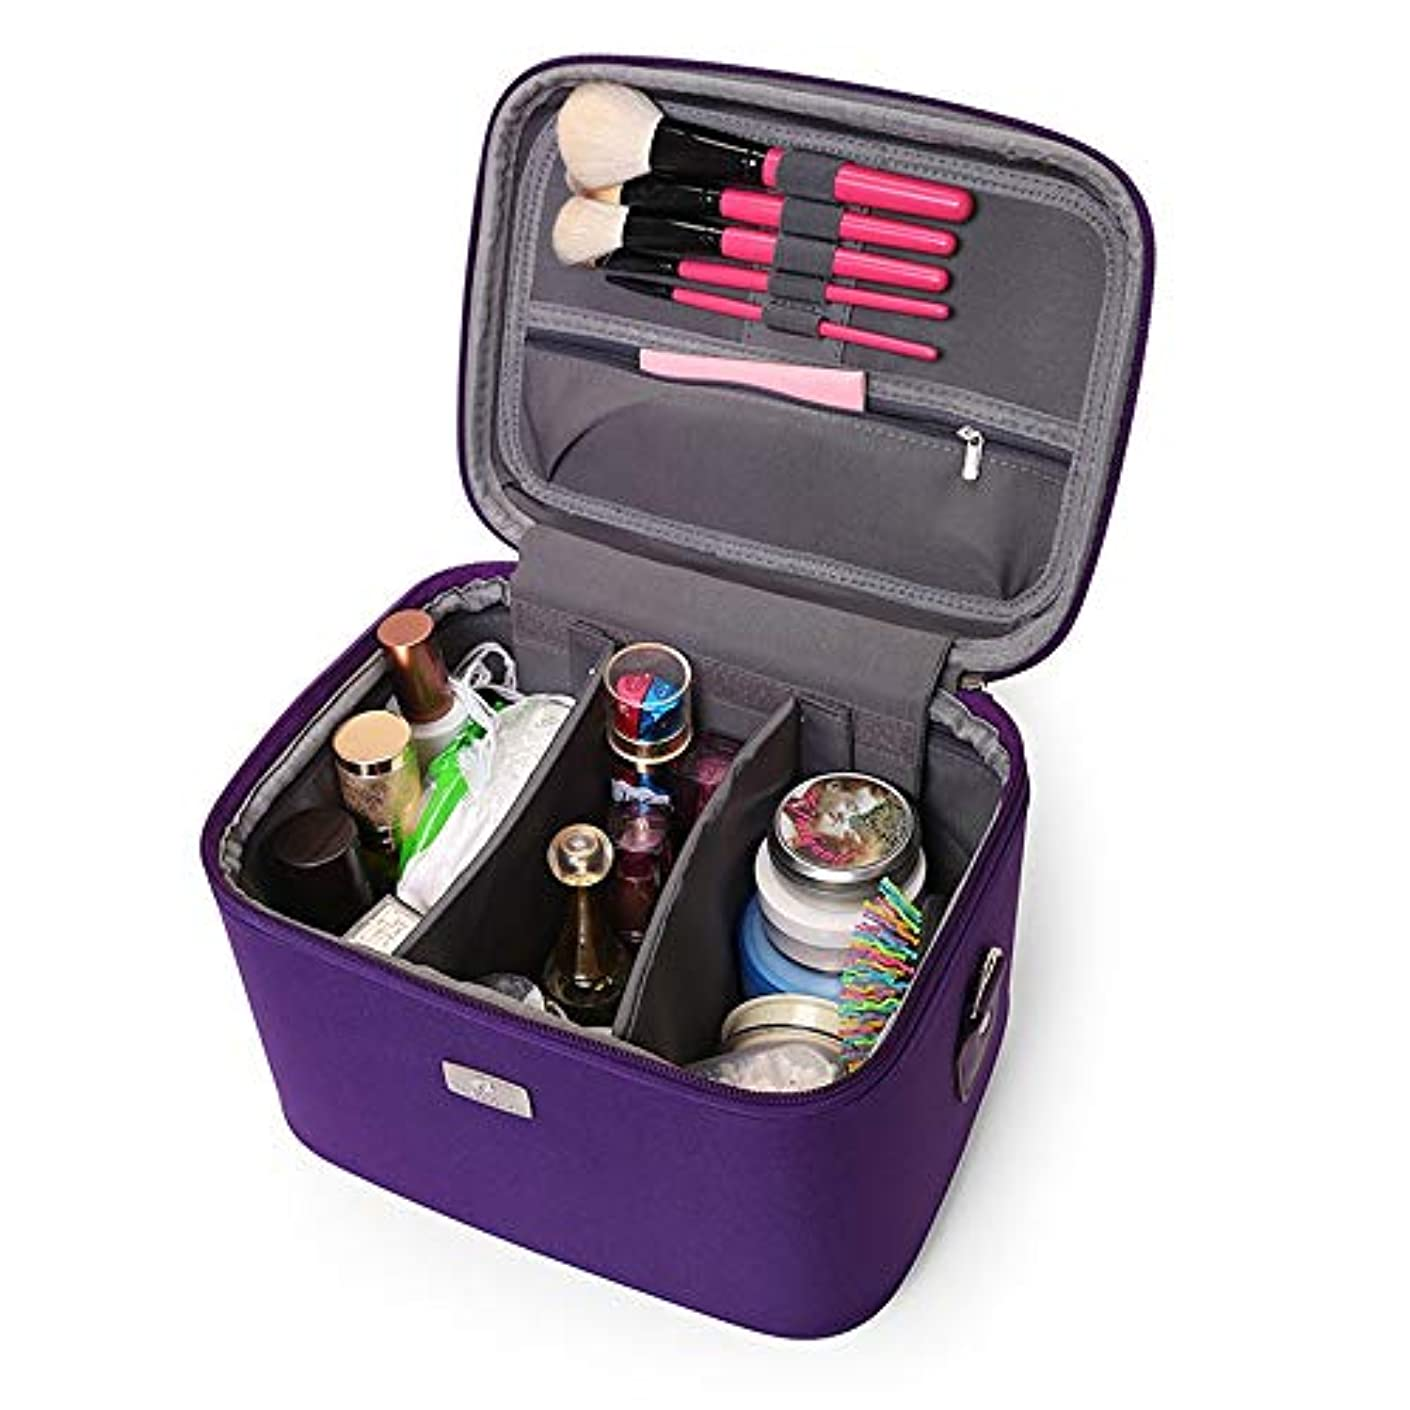 予防接種雪祈る化粧オーガナイザーバッグ 14インチのメイクアップトラベルバッグPUレター防水化粧ケースのティーン女の子の女性アーティスト 化粧品ケース (色 : 紫の)